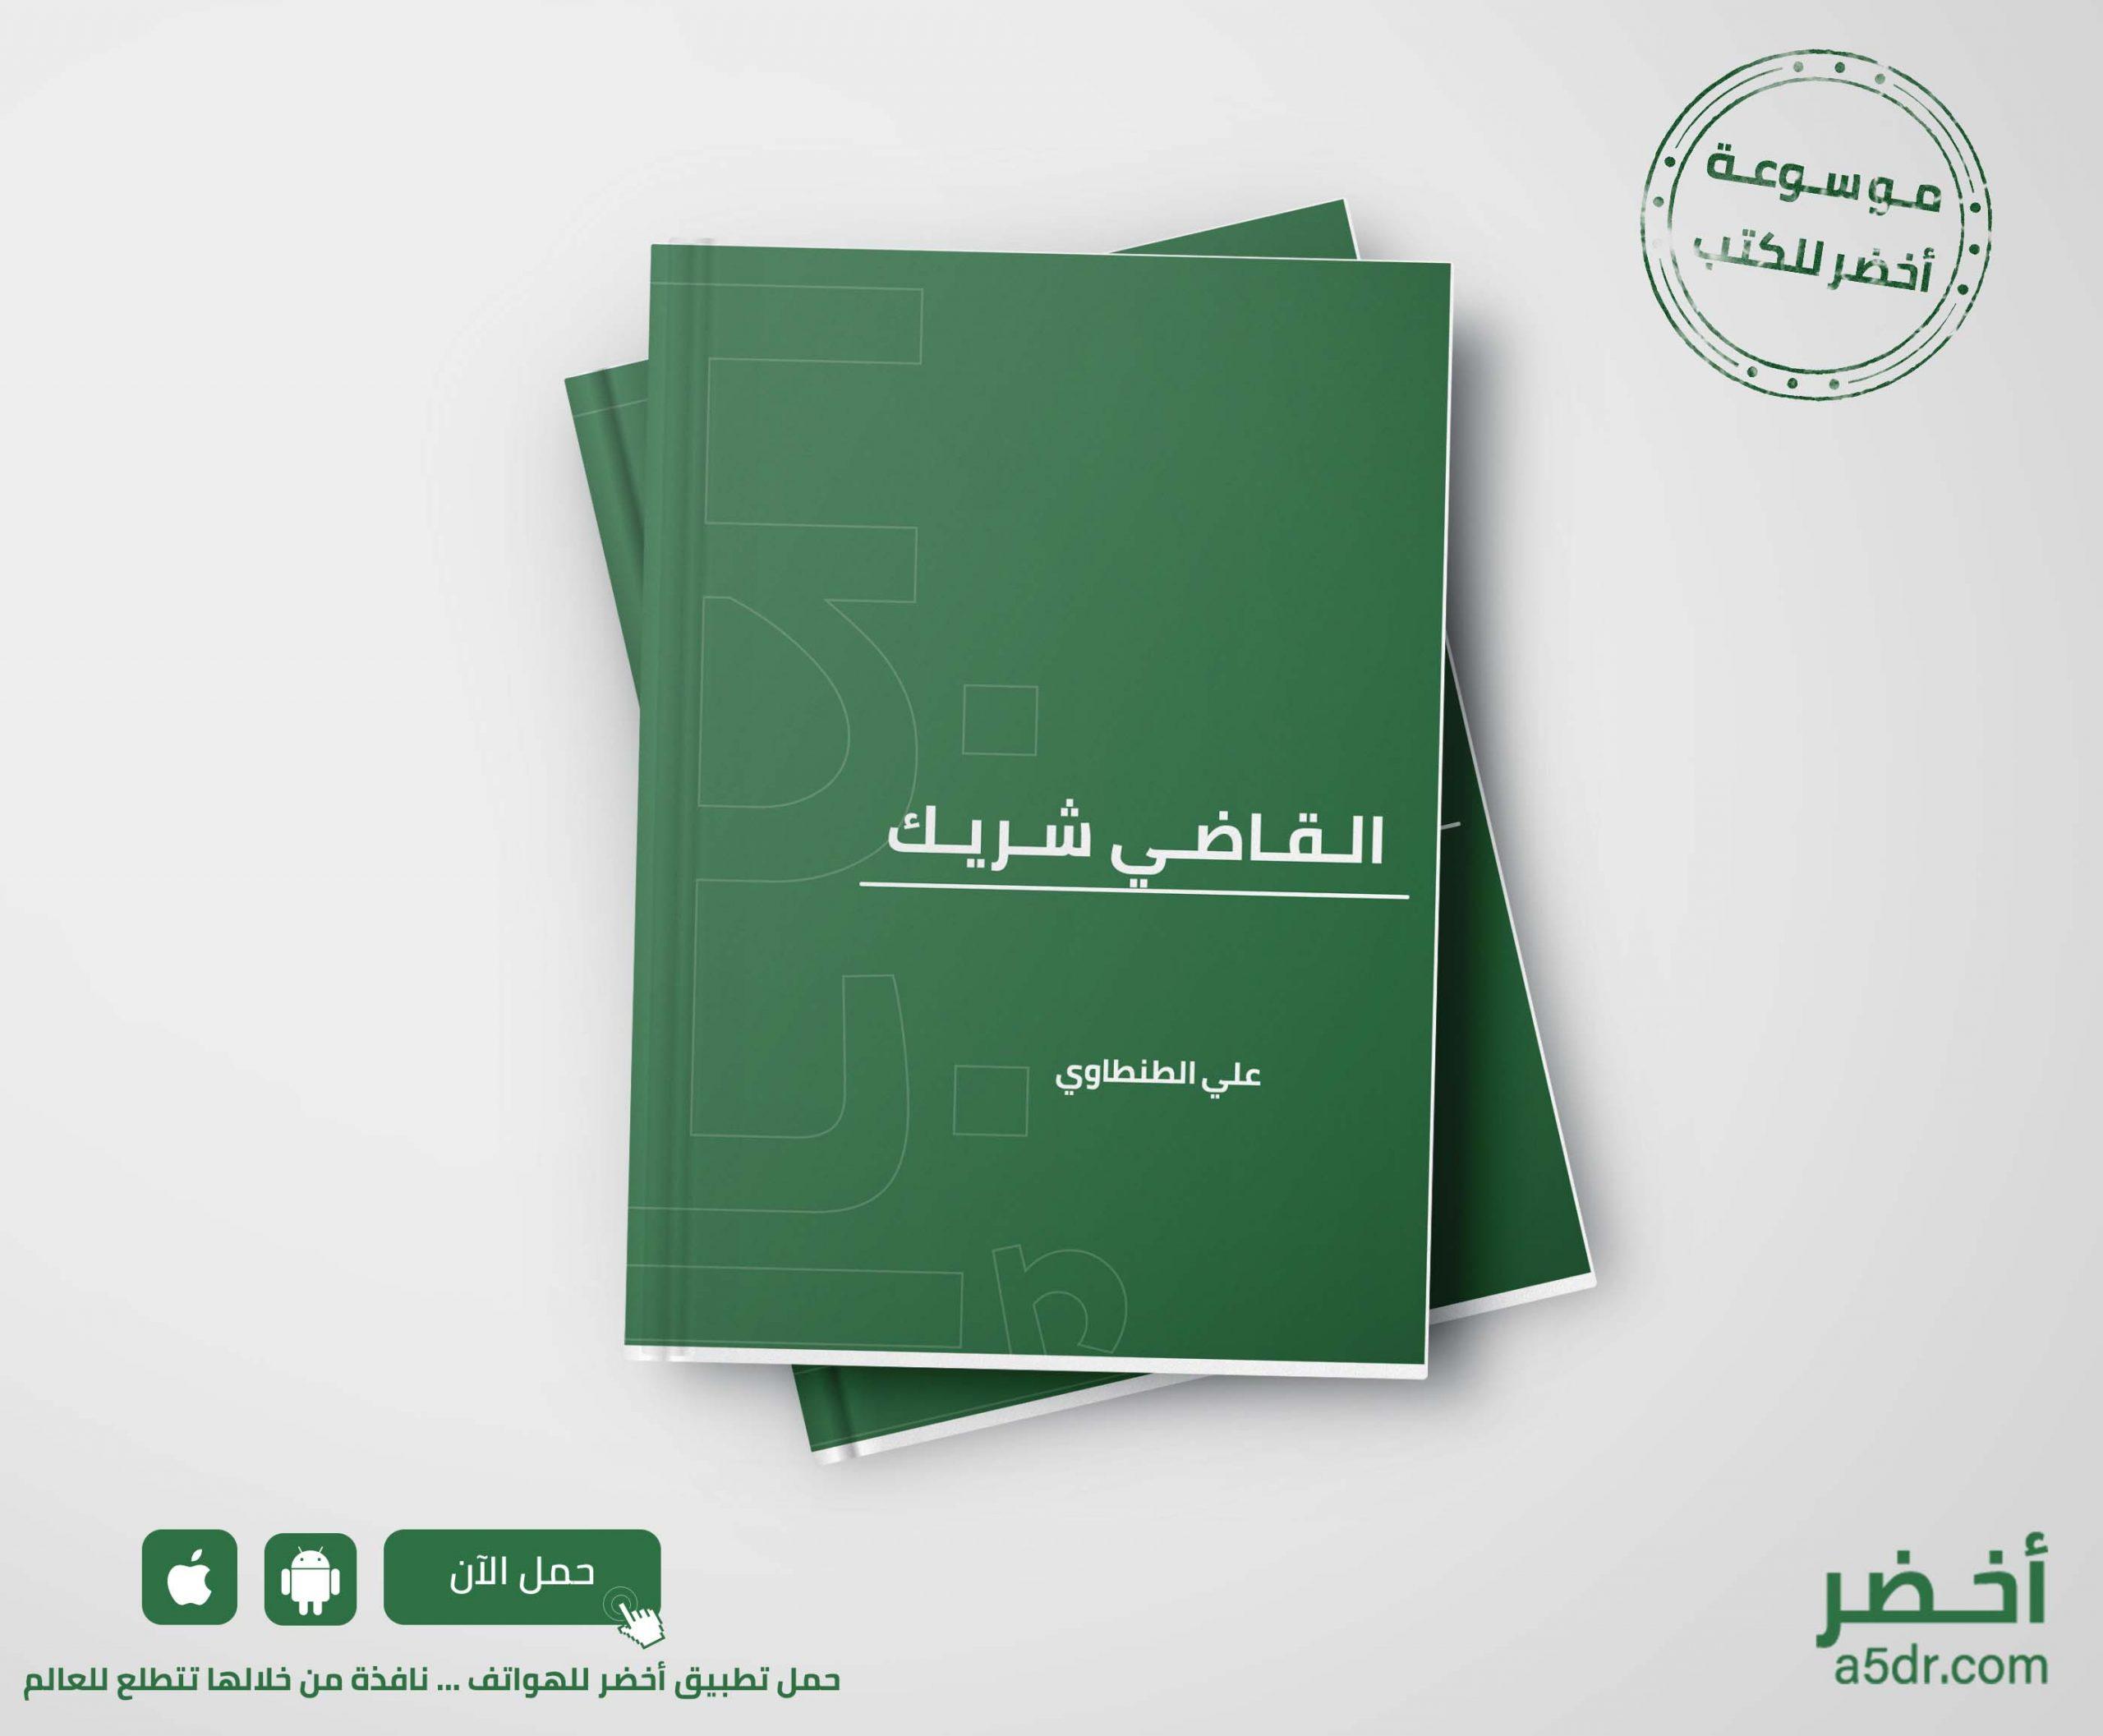 كتاب القاضي شريك - علي الطنطاوي